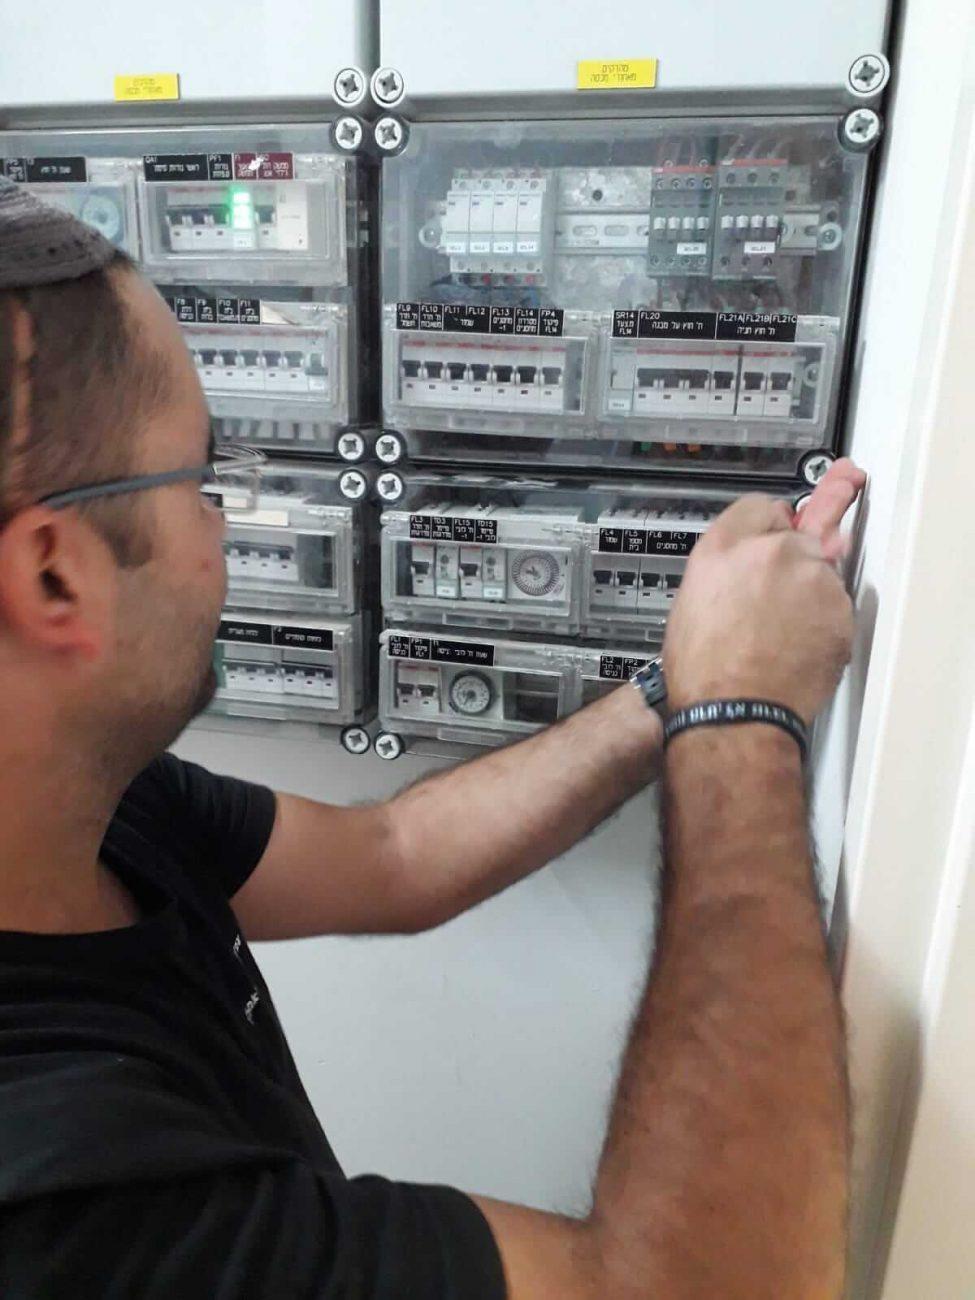 דניאל אסרף ד.נ עבודות חשמל ואחזקה חריש